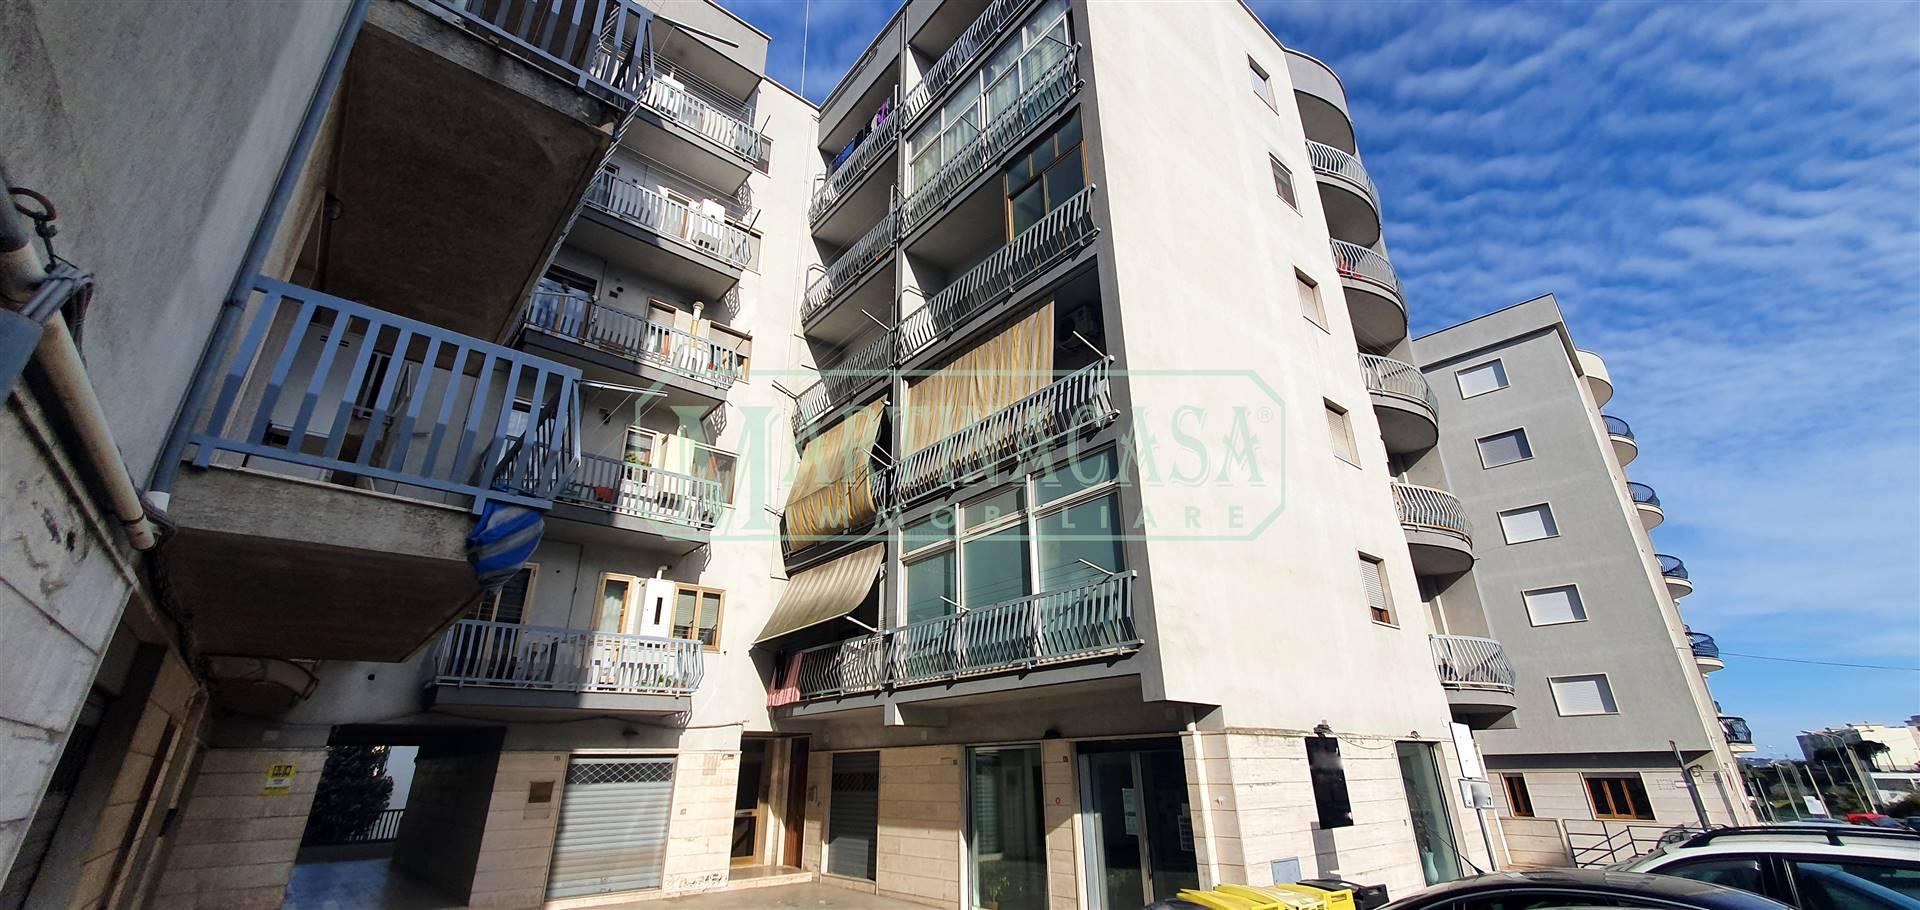 Appartamento in affitto a Martina Franca, 3 locali, zona Località: VIA ALBEROBELLO, prezzo € 500 | CambioCasa.it